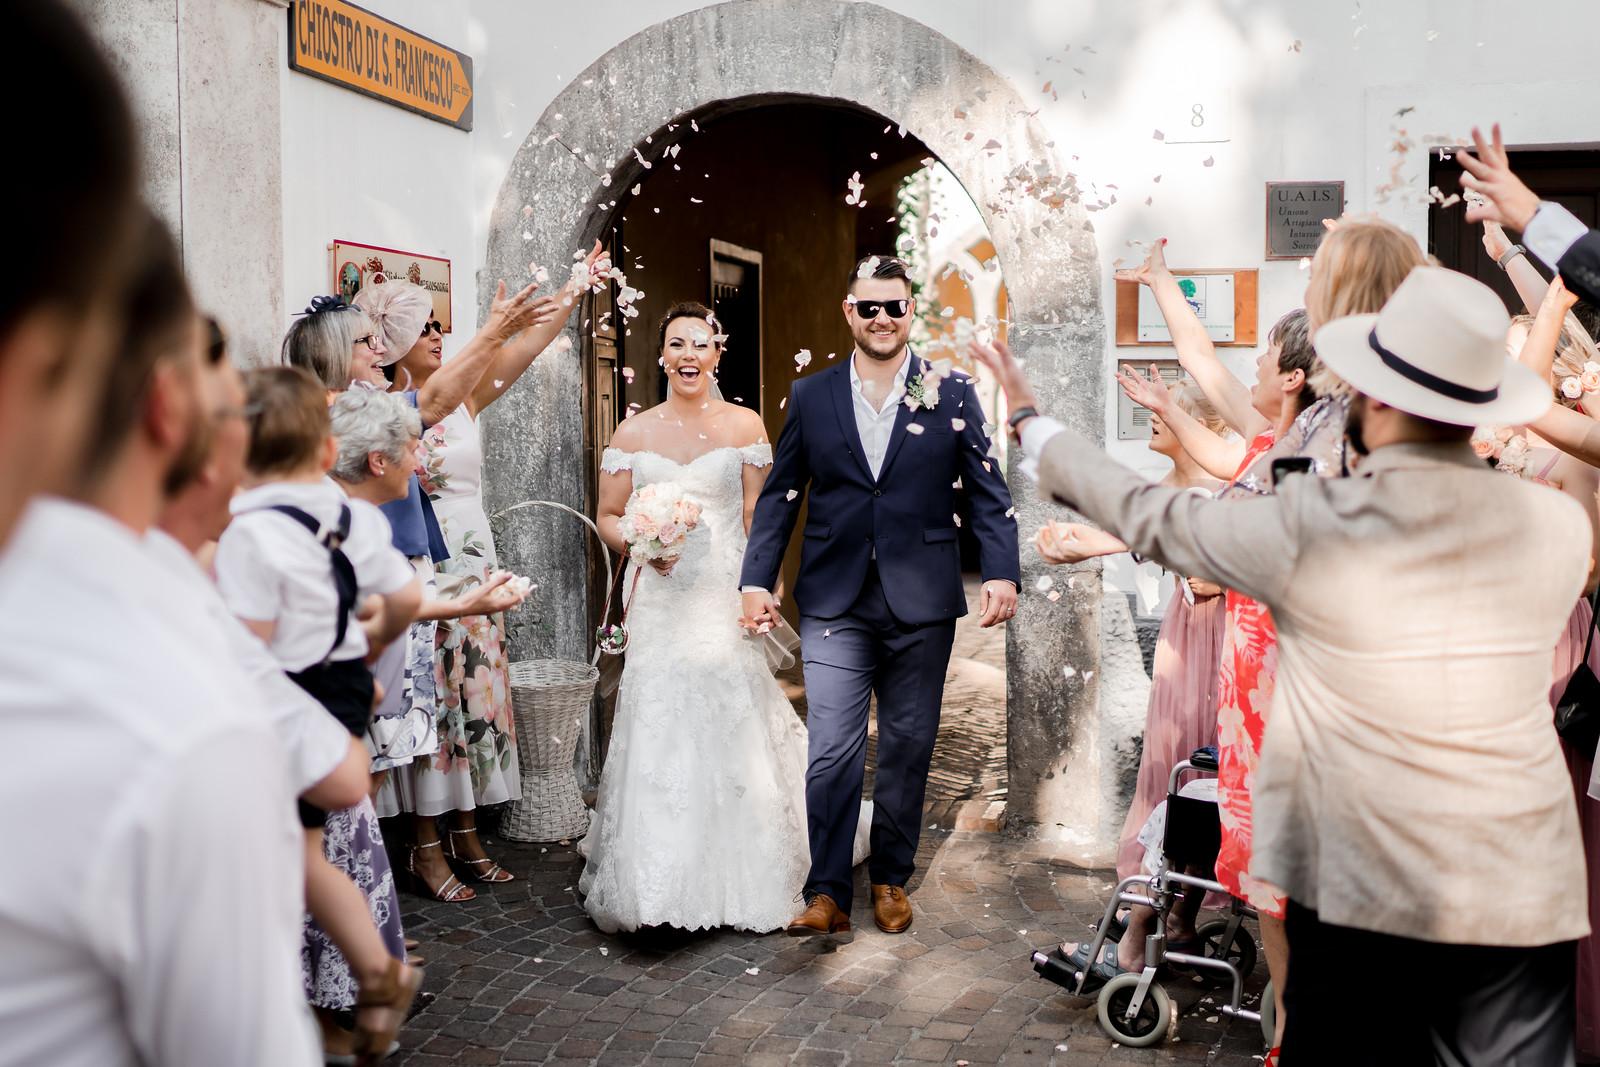 Bride and groom confetti photo